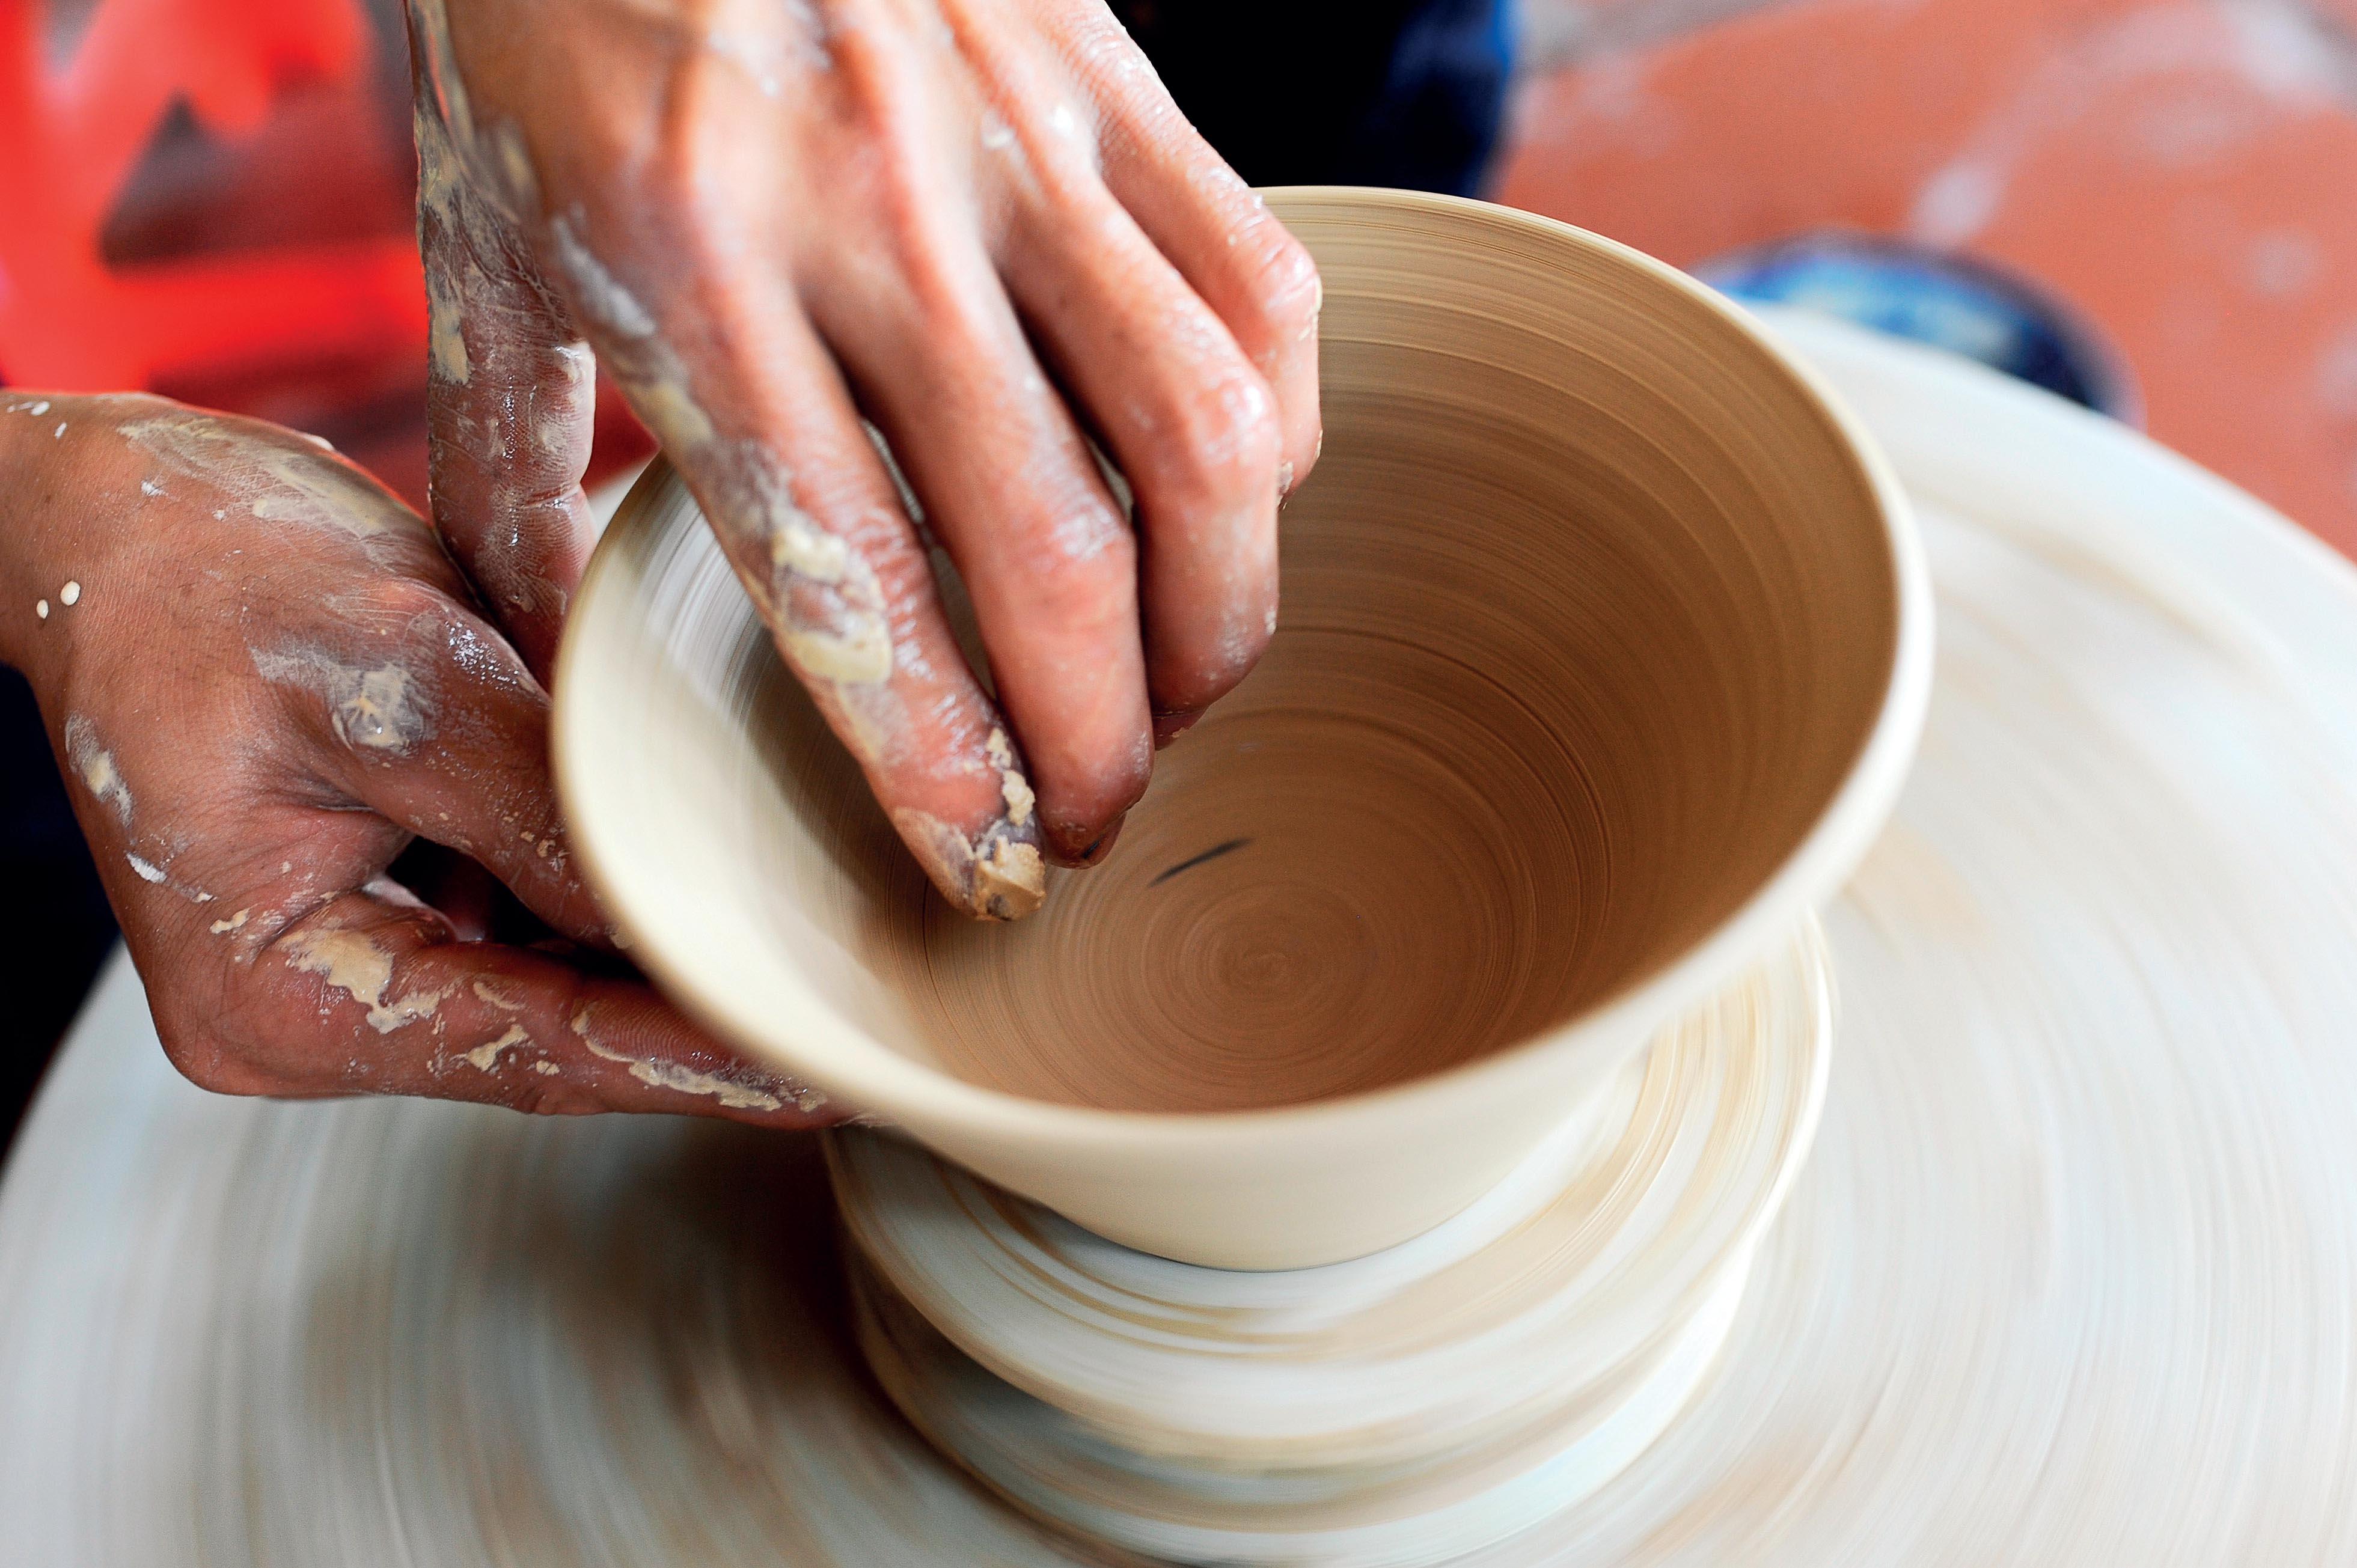 Tạo dáng gốm Bát Tràng thường được làm trên bàn xoay